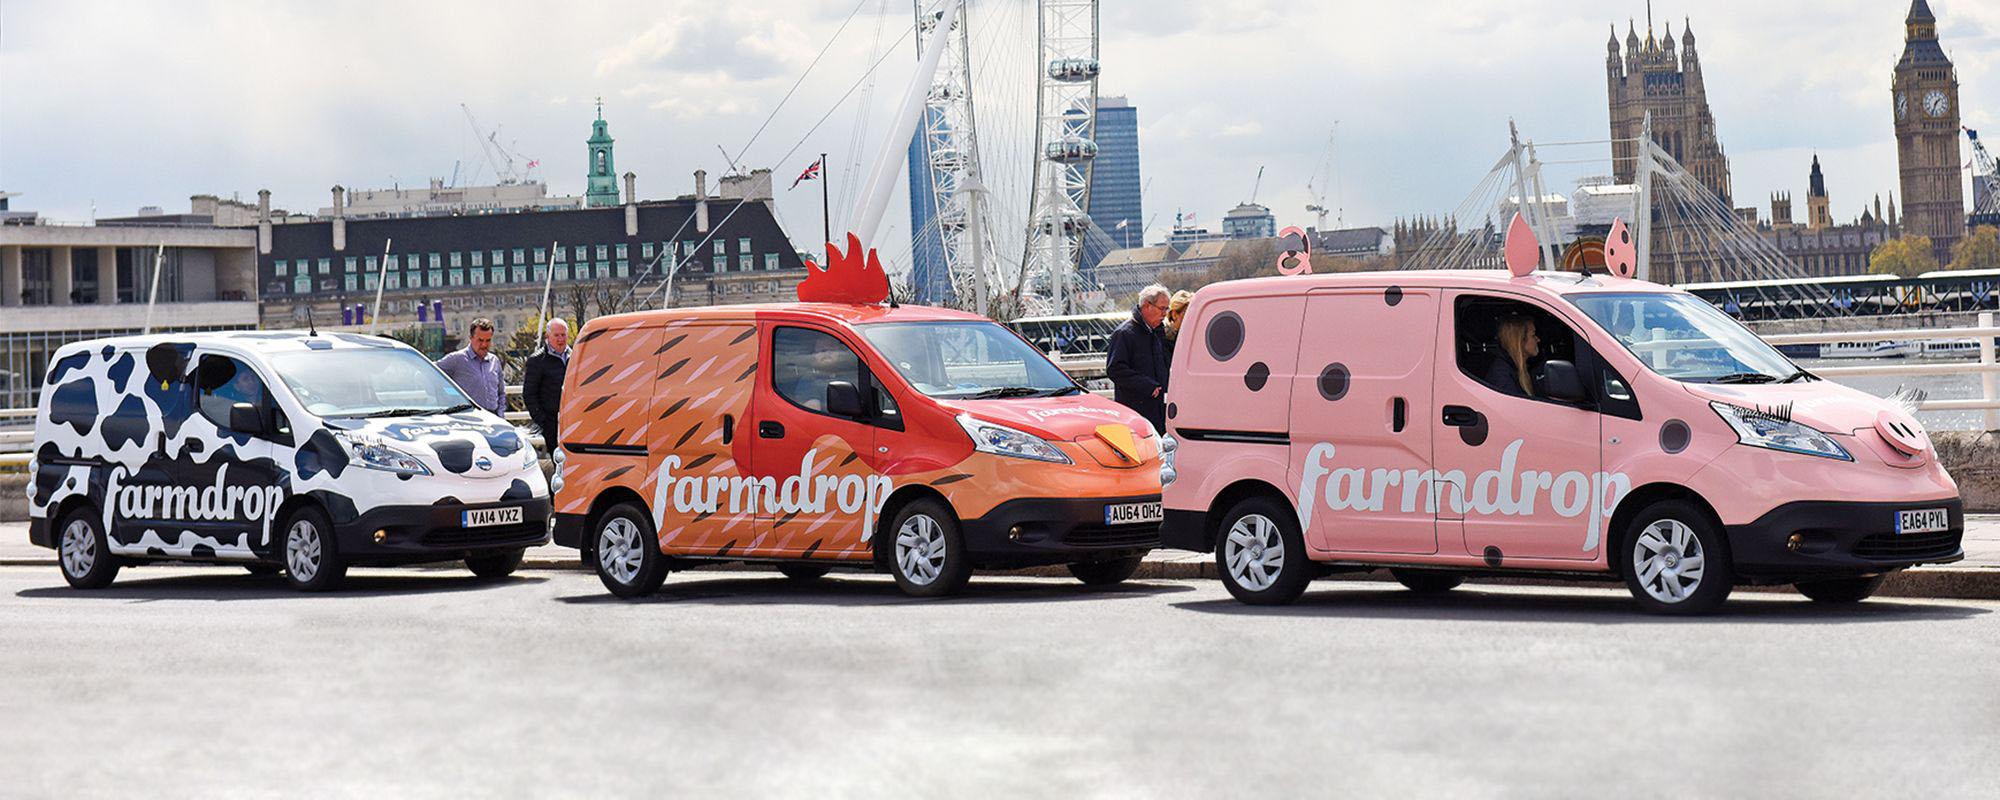 Trois fourgons Farmdrop multicolores roulant sur une route de Londres